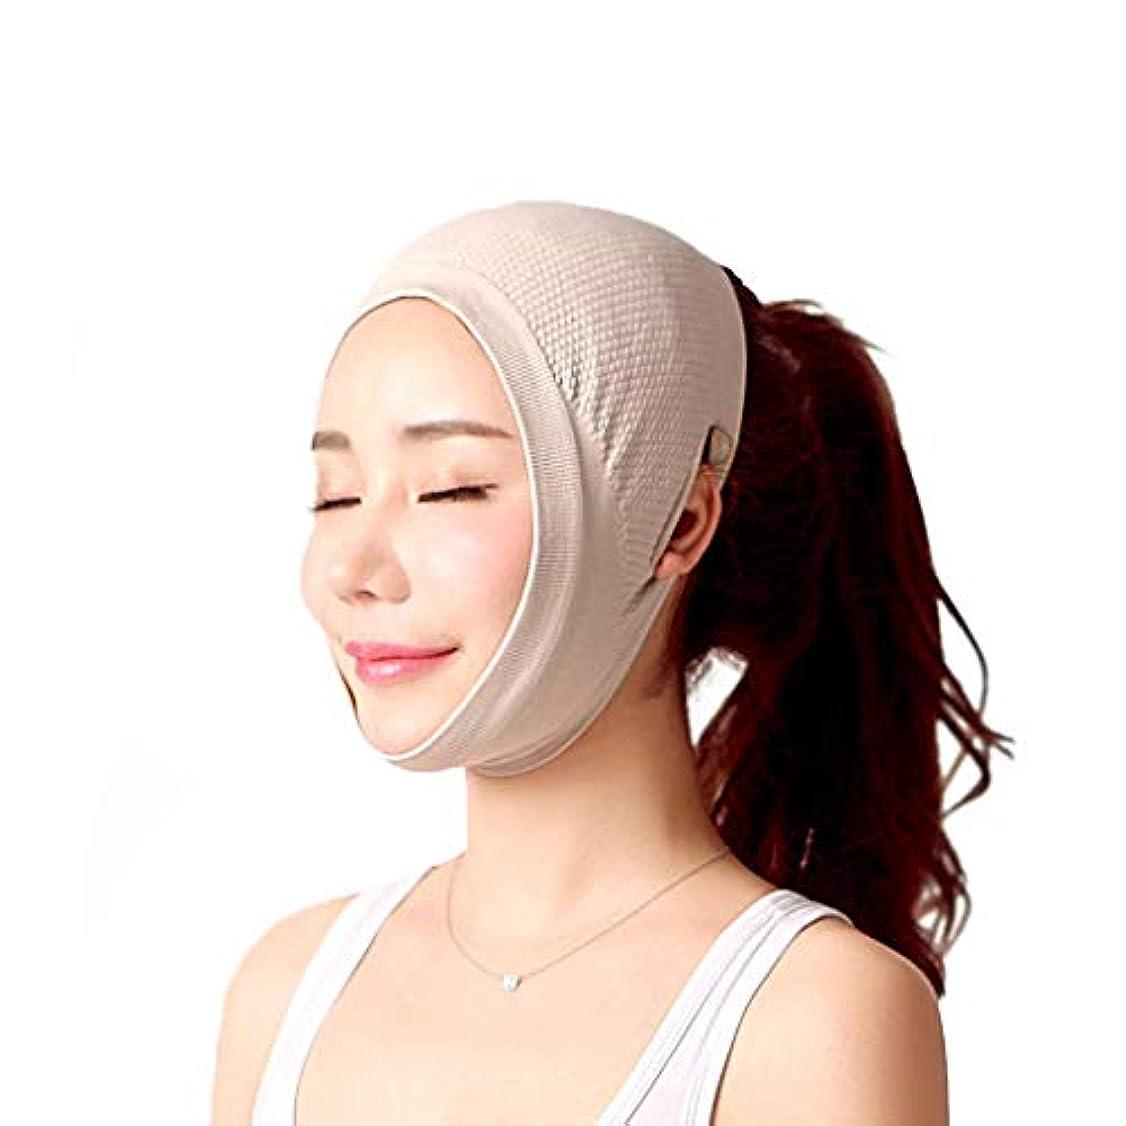 誇張する農場独裁顔痩身包帯、二重あご、二重あごを減らすために顔を持ち上げる、顔を引き締める、体重を減らすためのマスク(ワンサイズ)